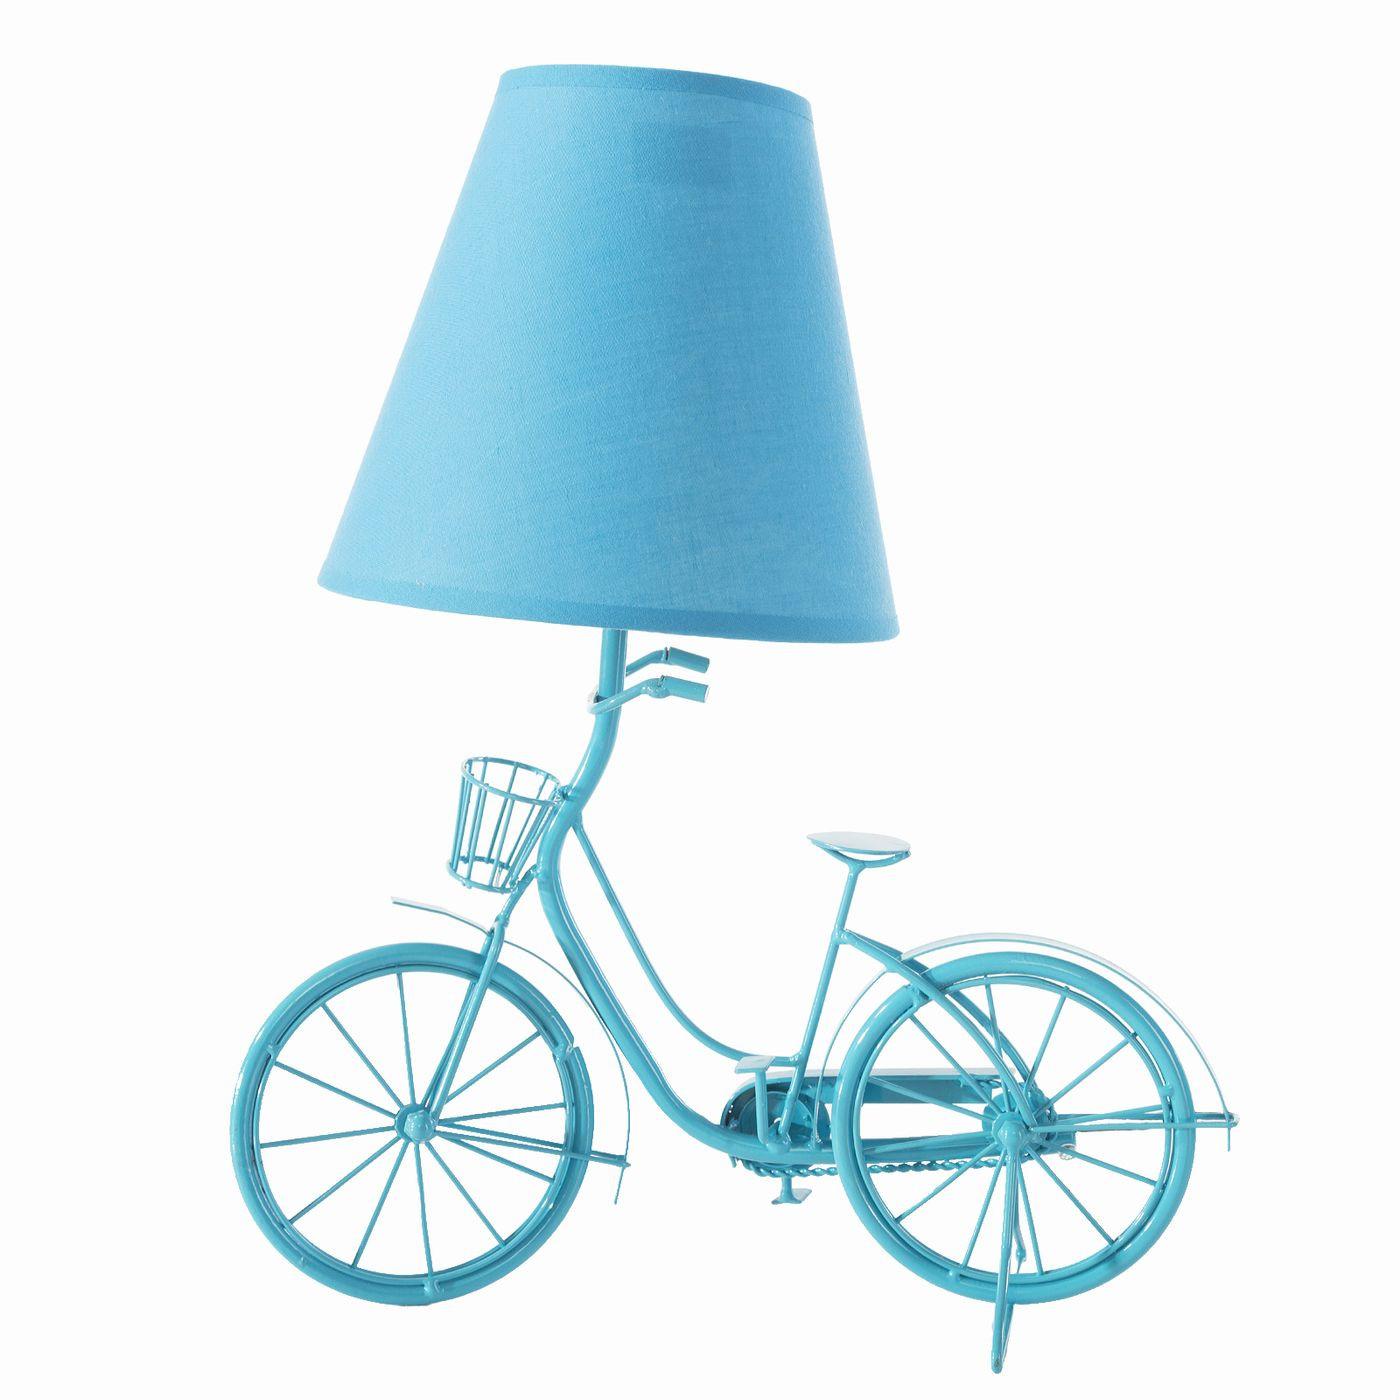 Lampa rower turkus 36 x 20 x 40 cm